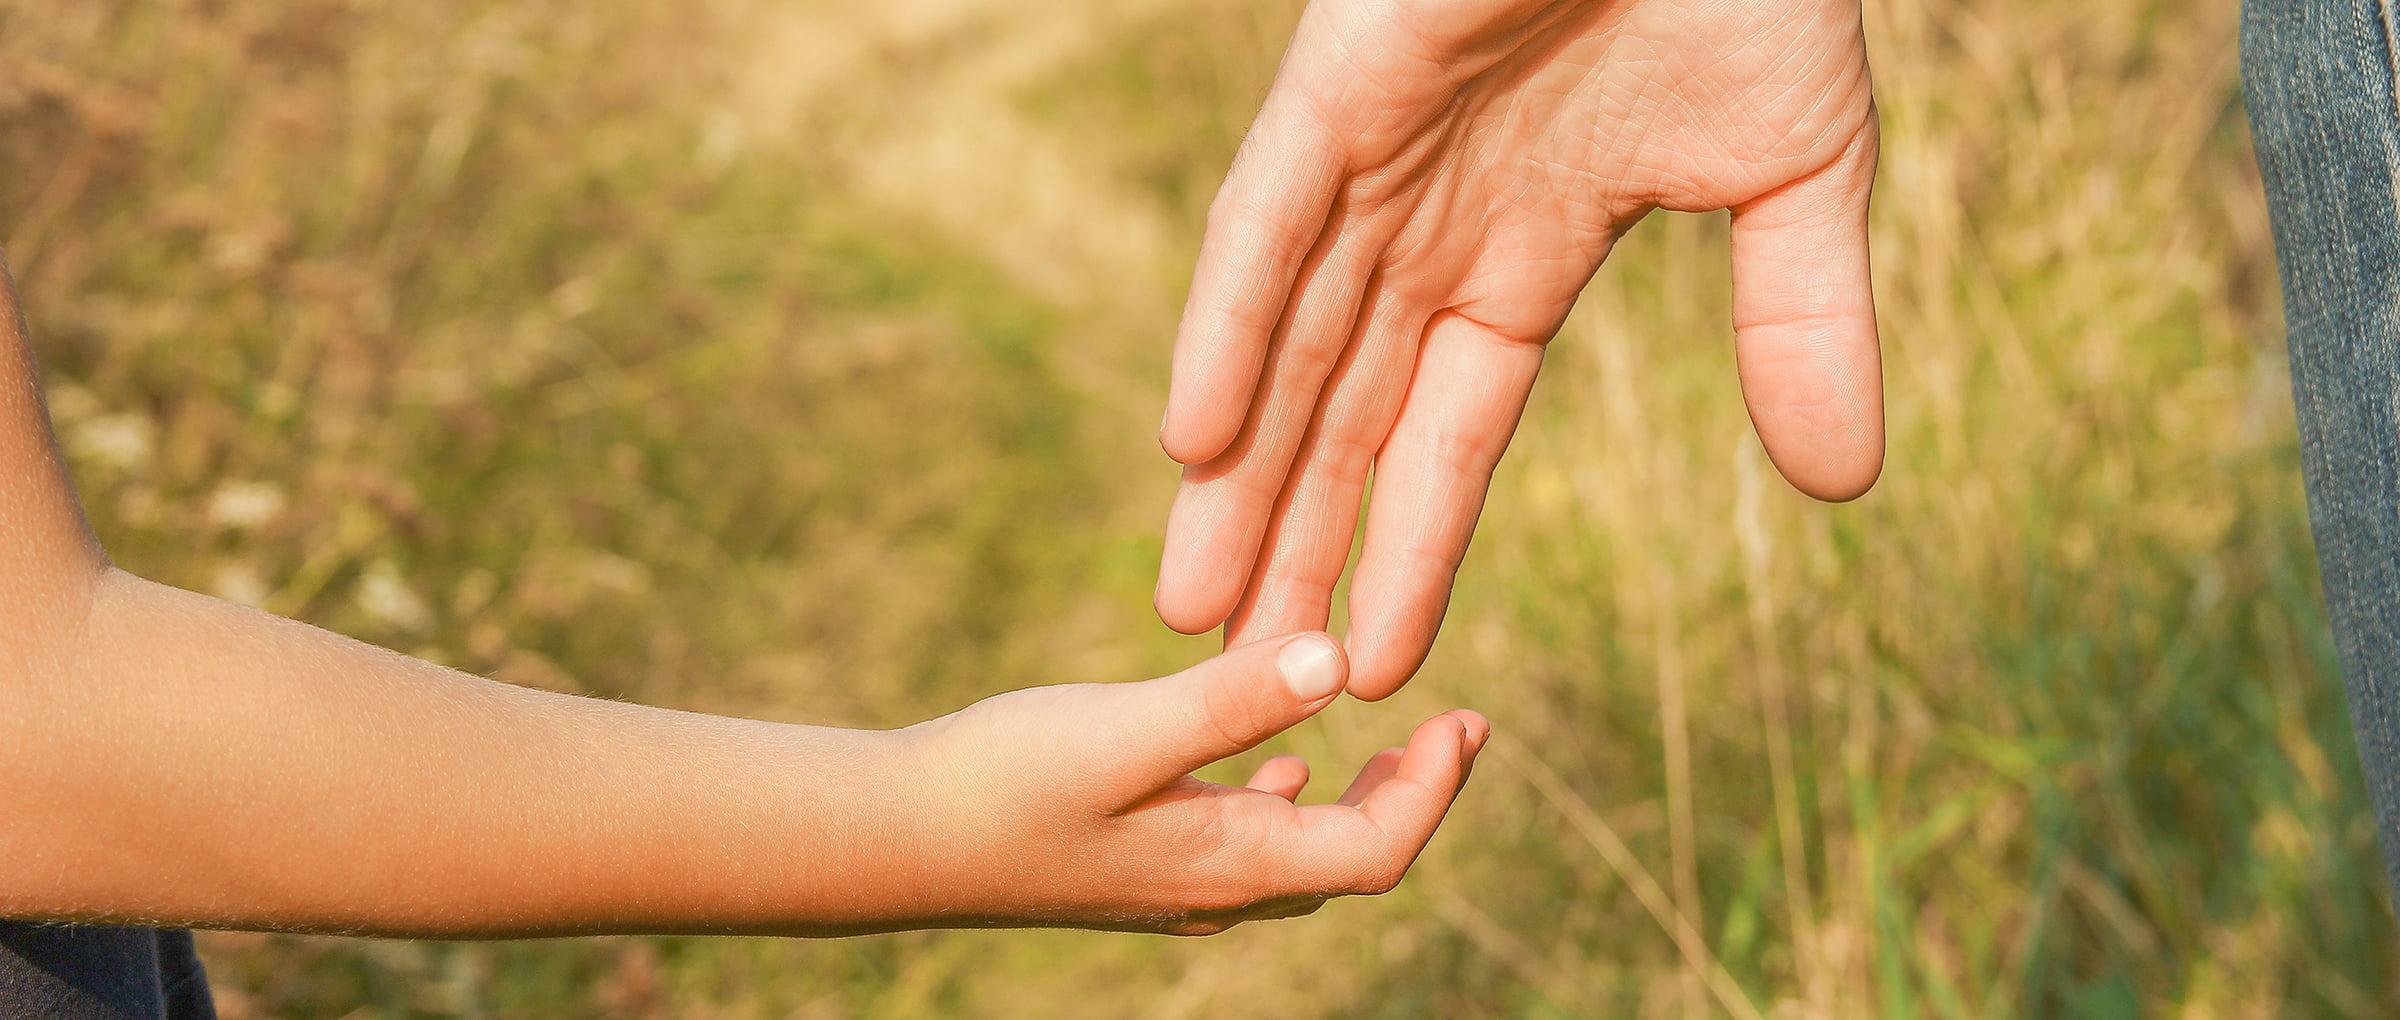 Une tribune réclame des solutions pour les enfants nés par GPA